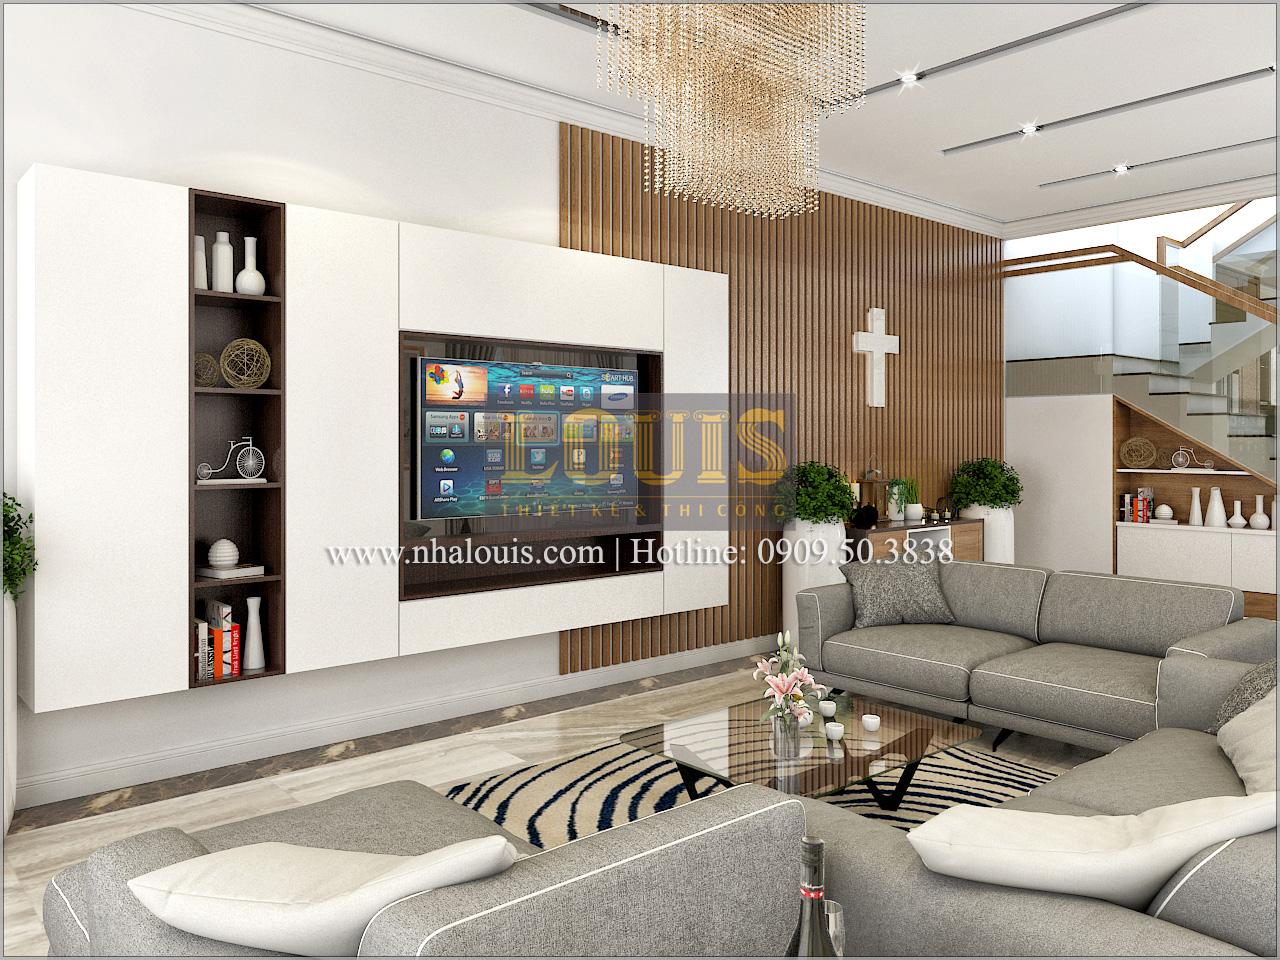 Thiết kế biệt thự cổđiểnđẹp kết hợp kinh doanh tạiĐồng Nai